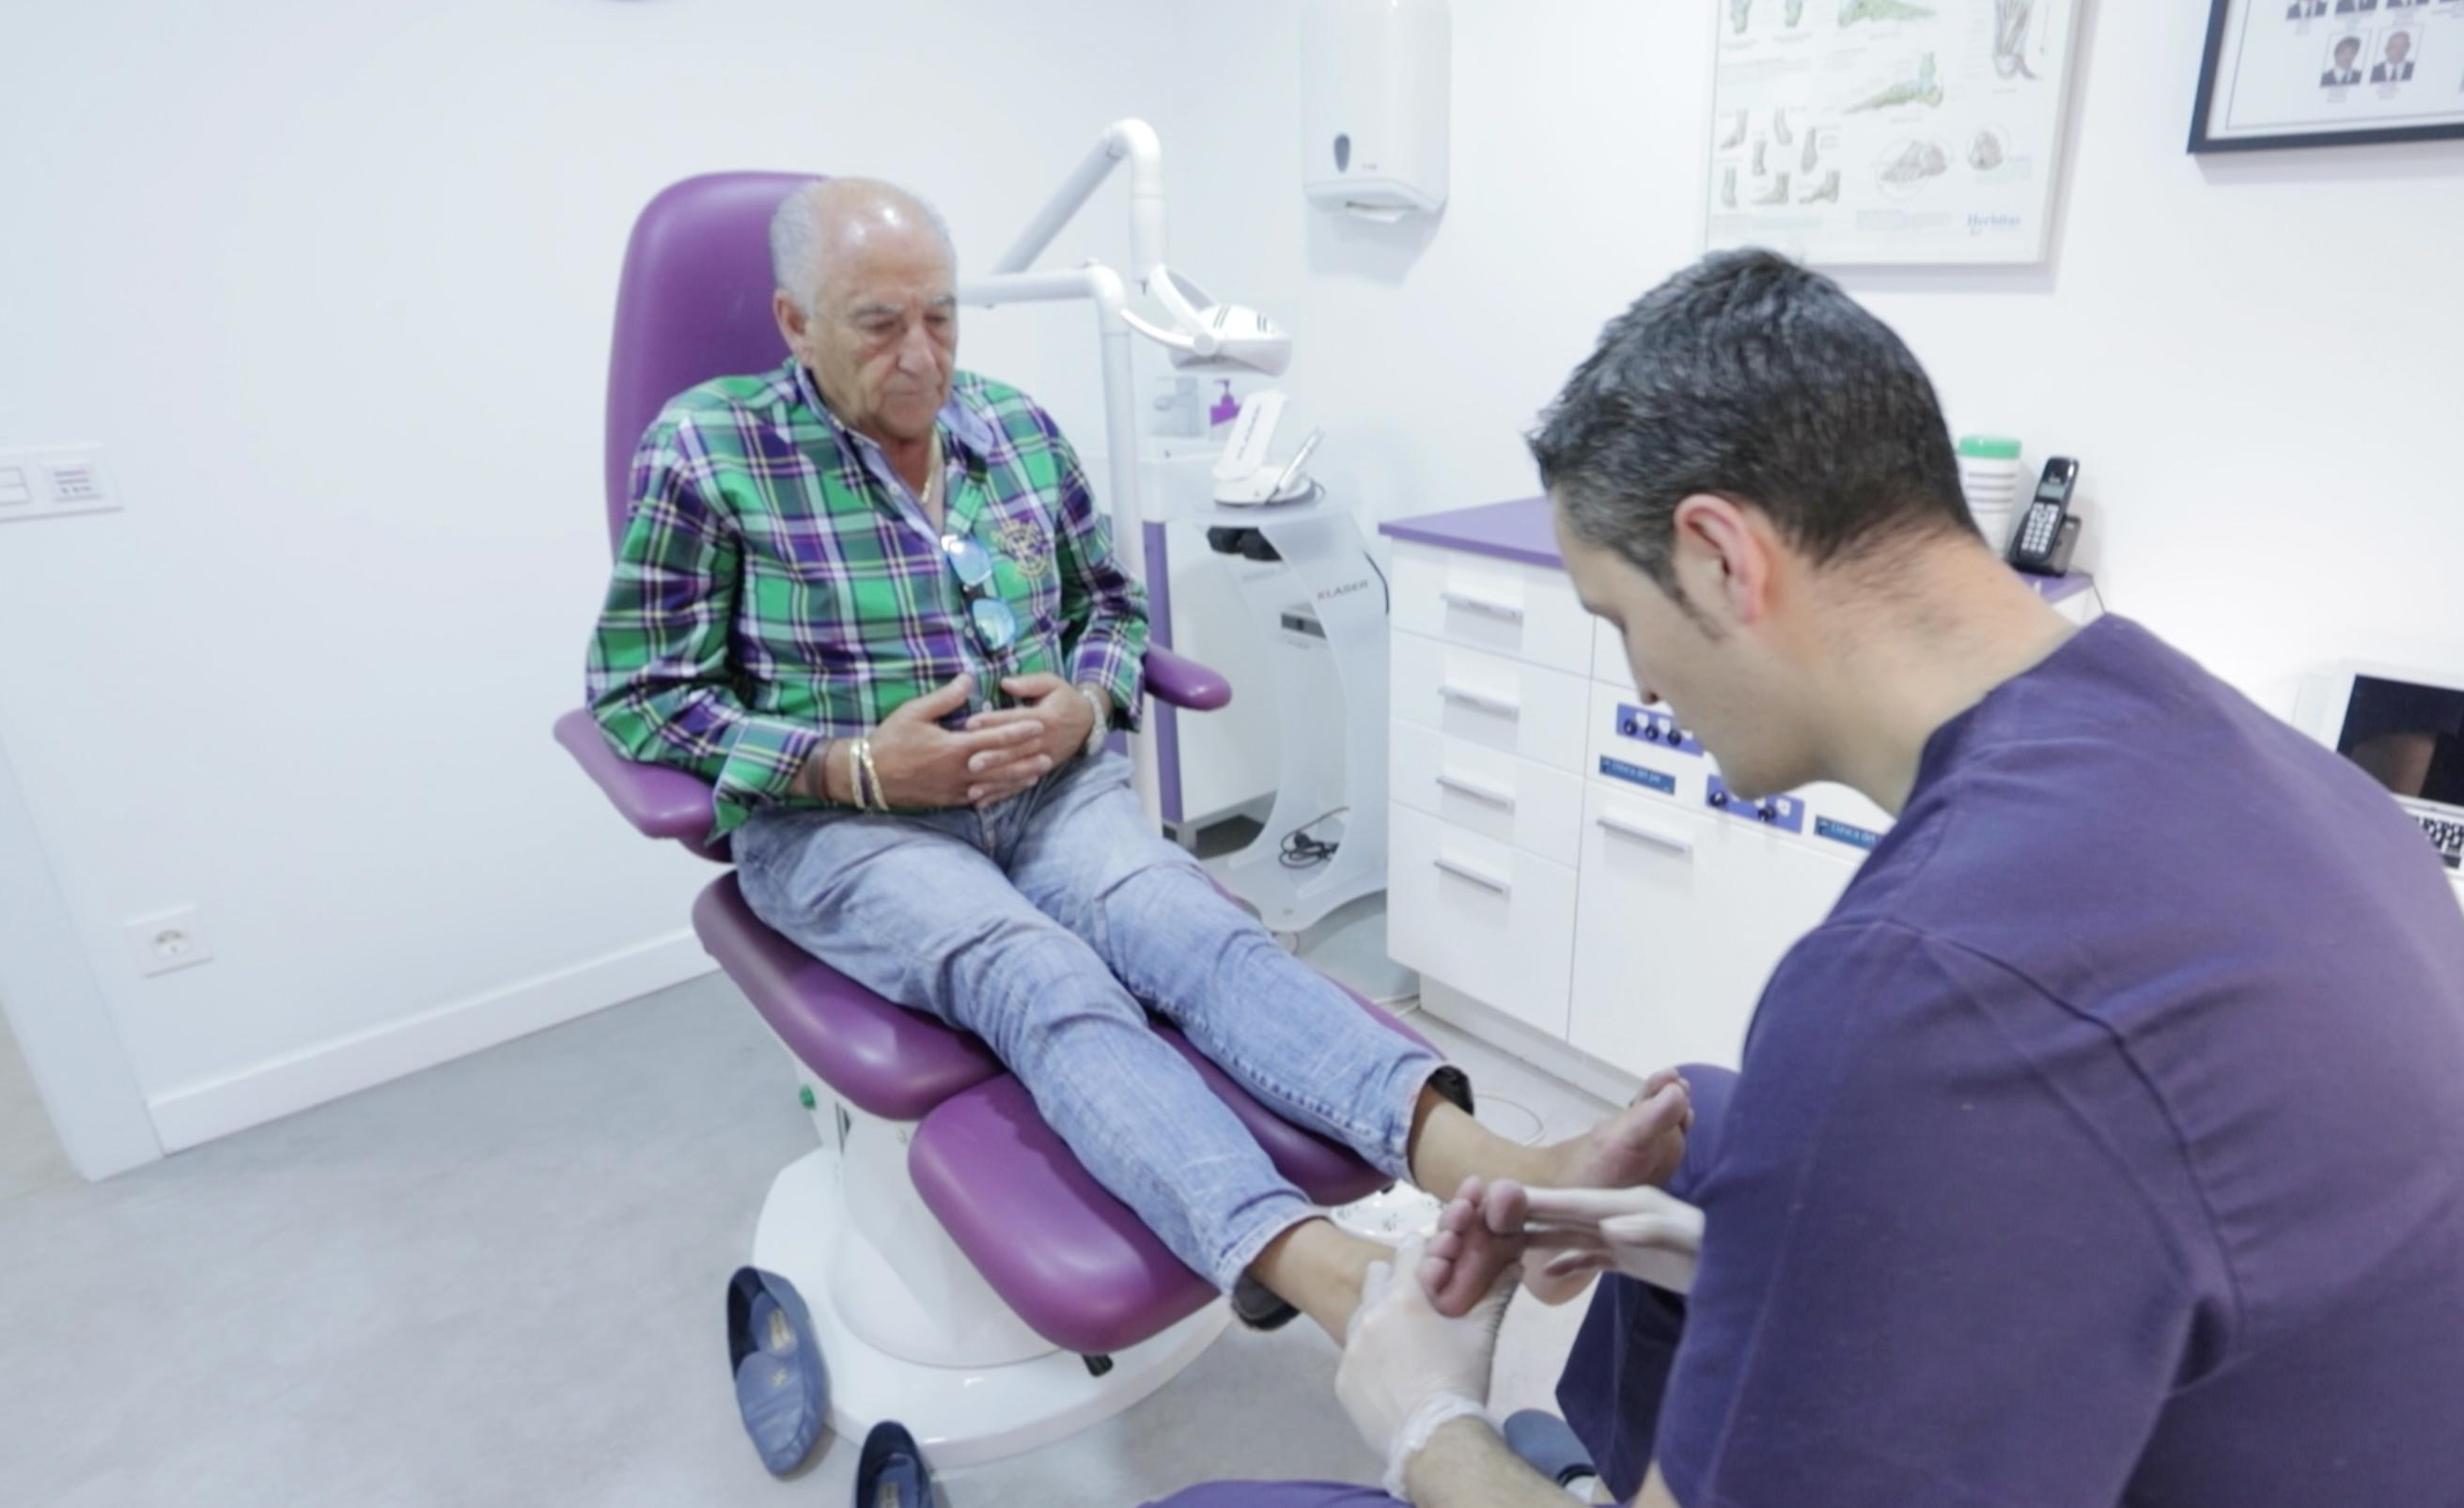 Podólogo atiende a un paciente mayor